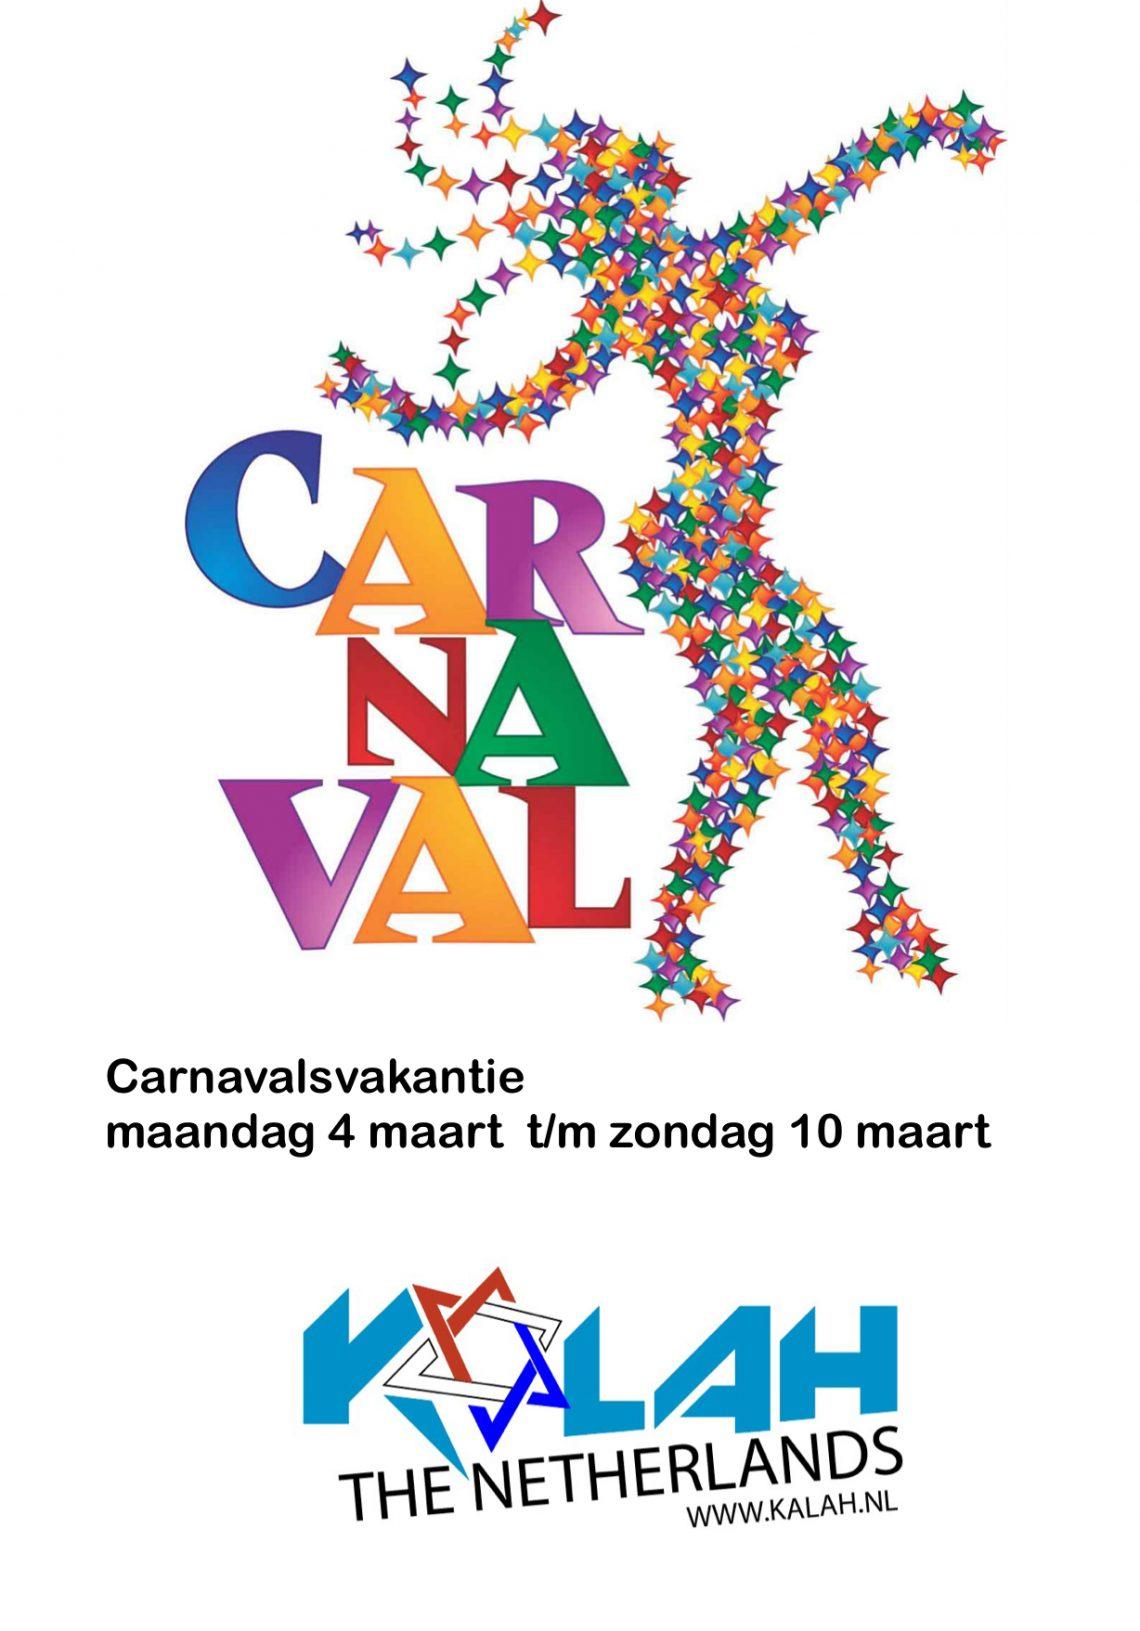 Carnavalsvakantie 2019